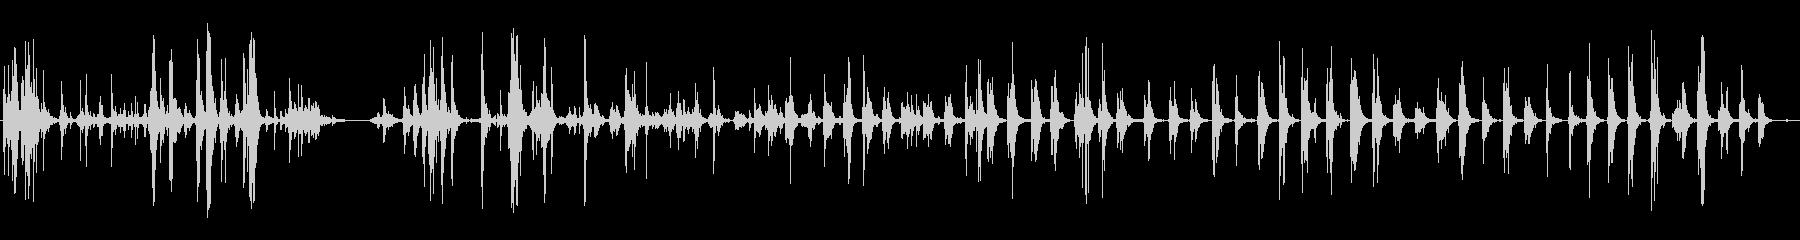 金属ガラガラフェンスシェイク定数の未再生の波形